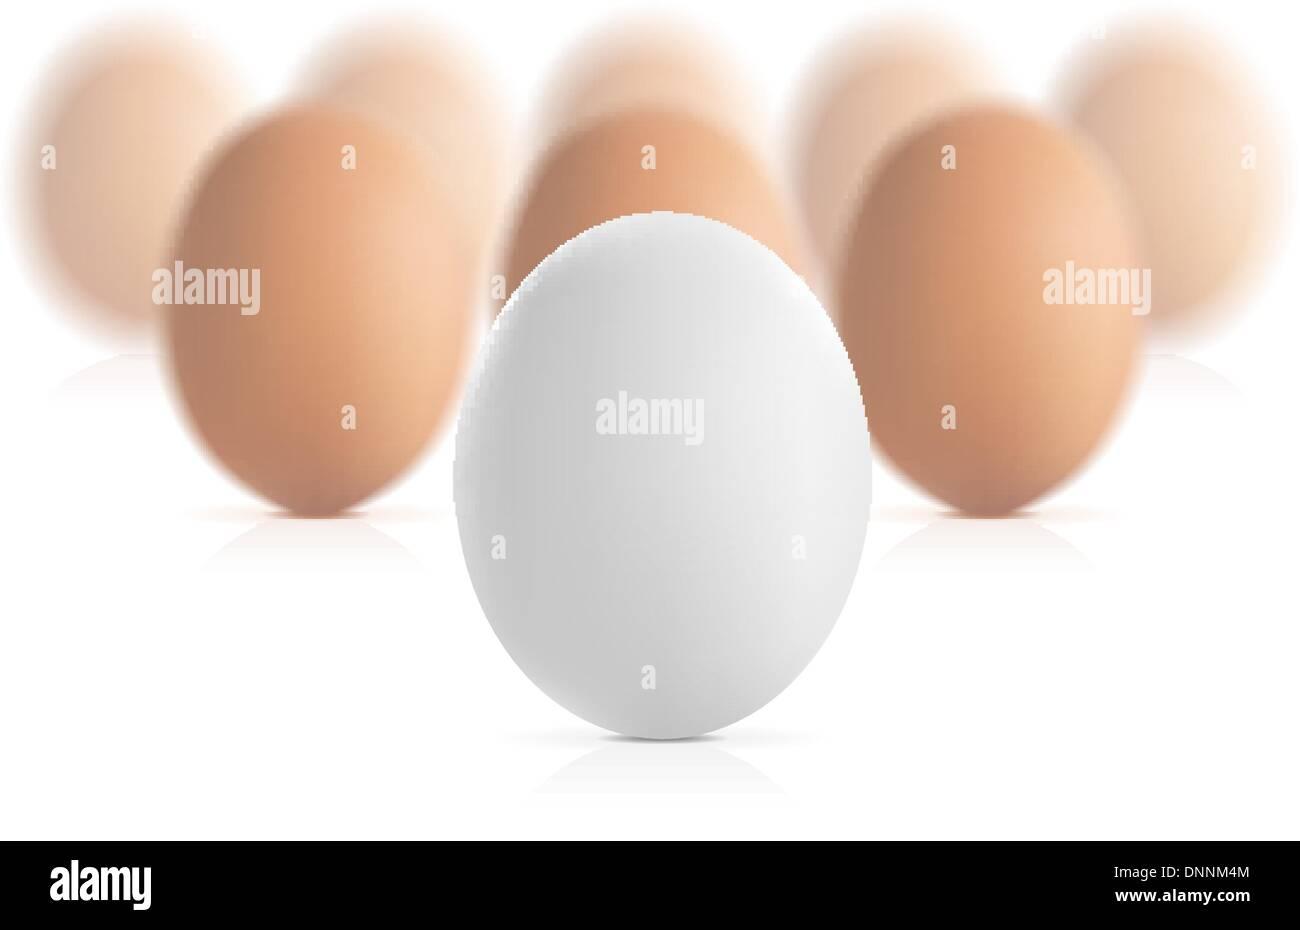 Concepto de huevo ilustración vectorial aislado sobre fondo blanco. Imagen De Stock